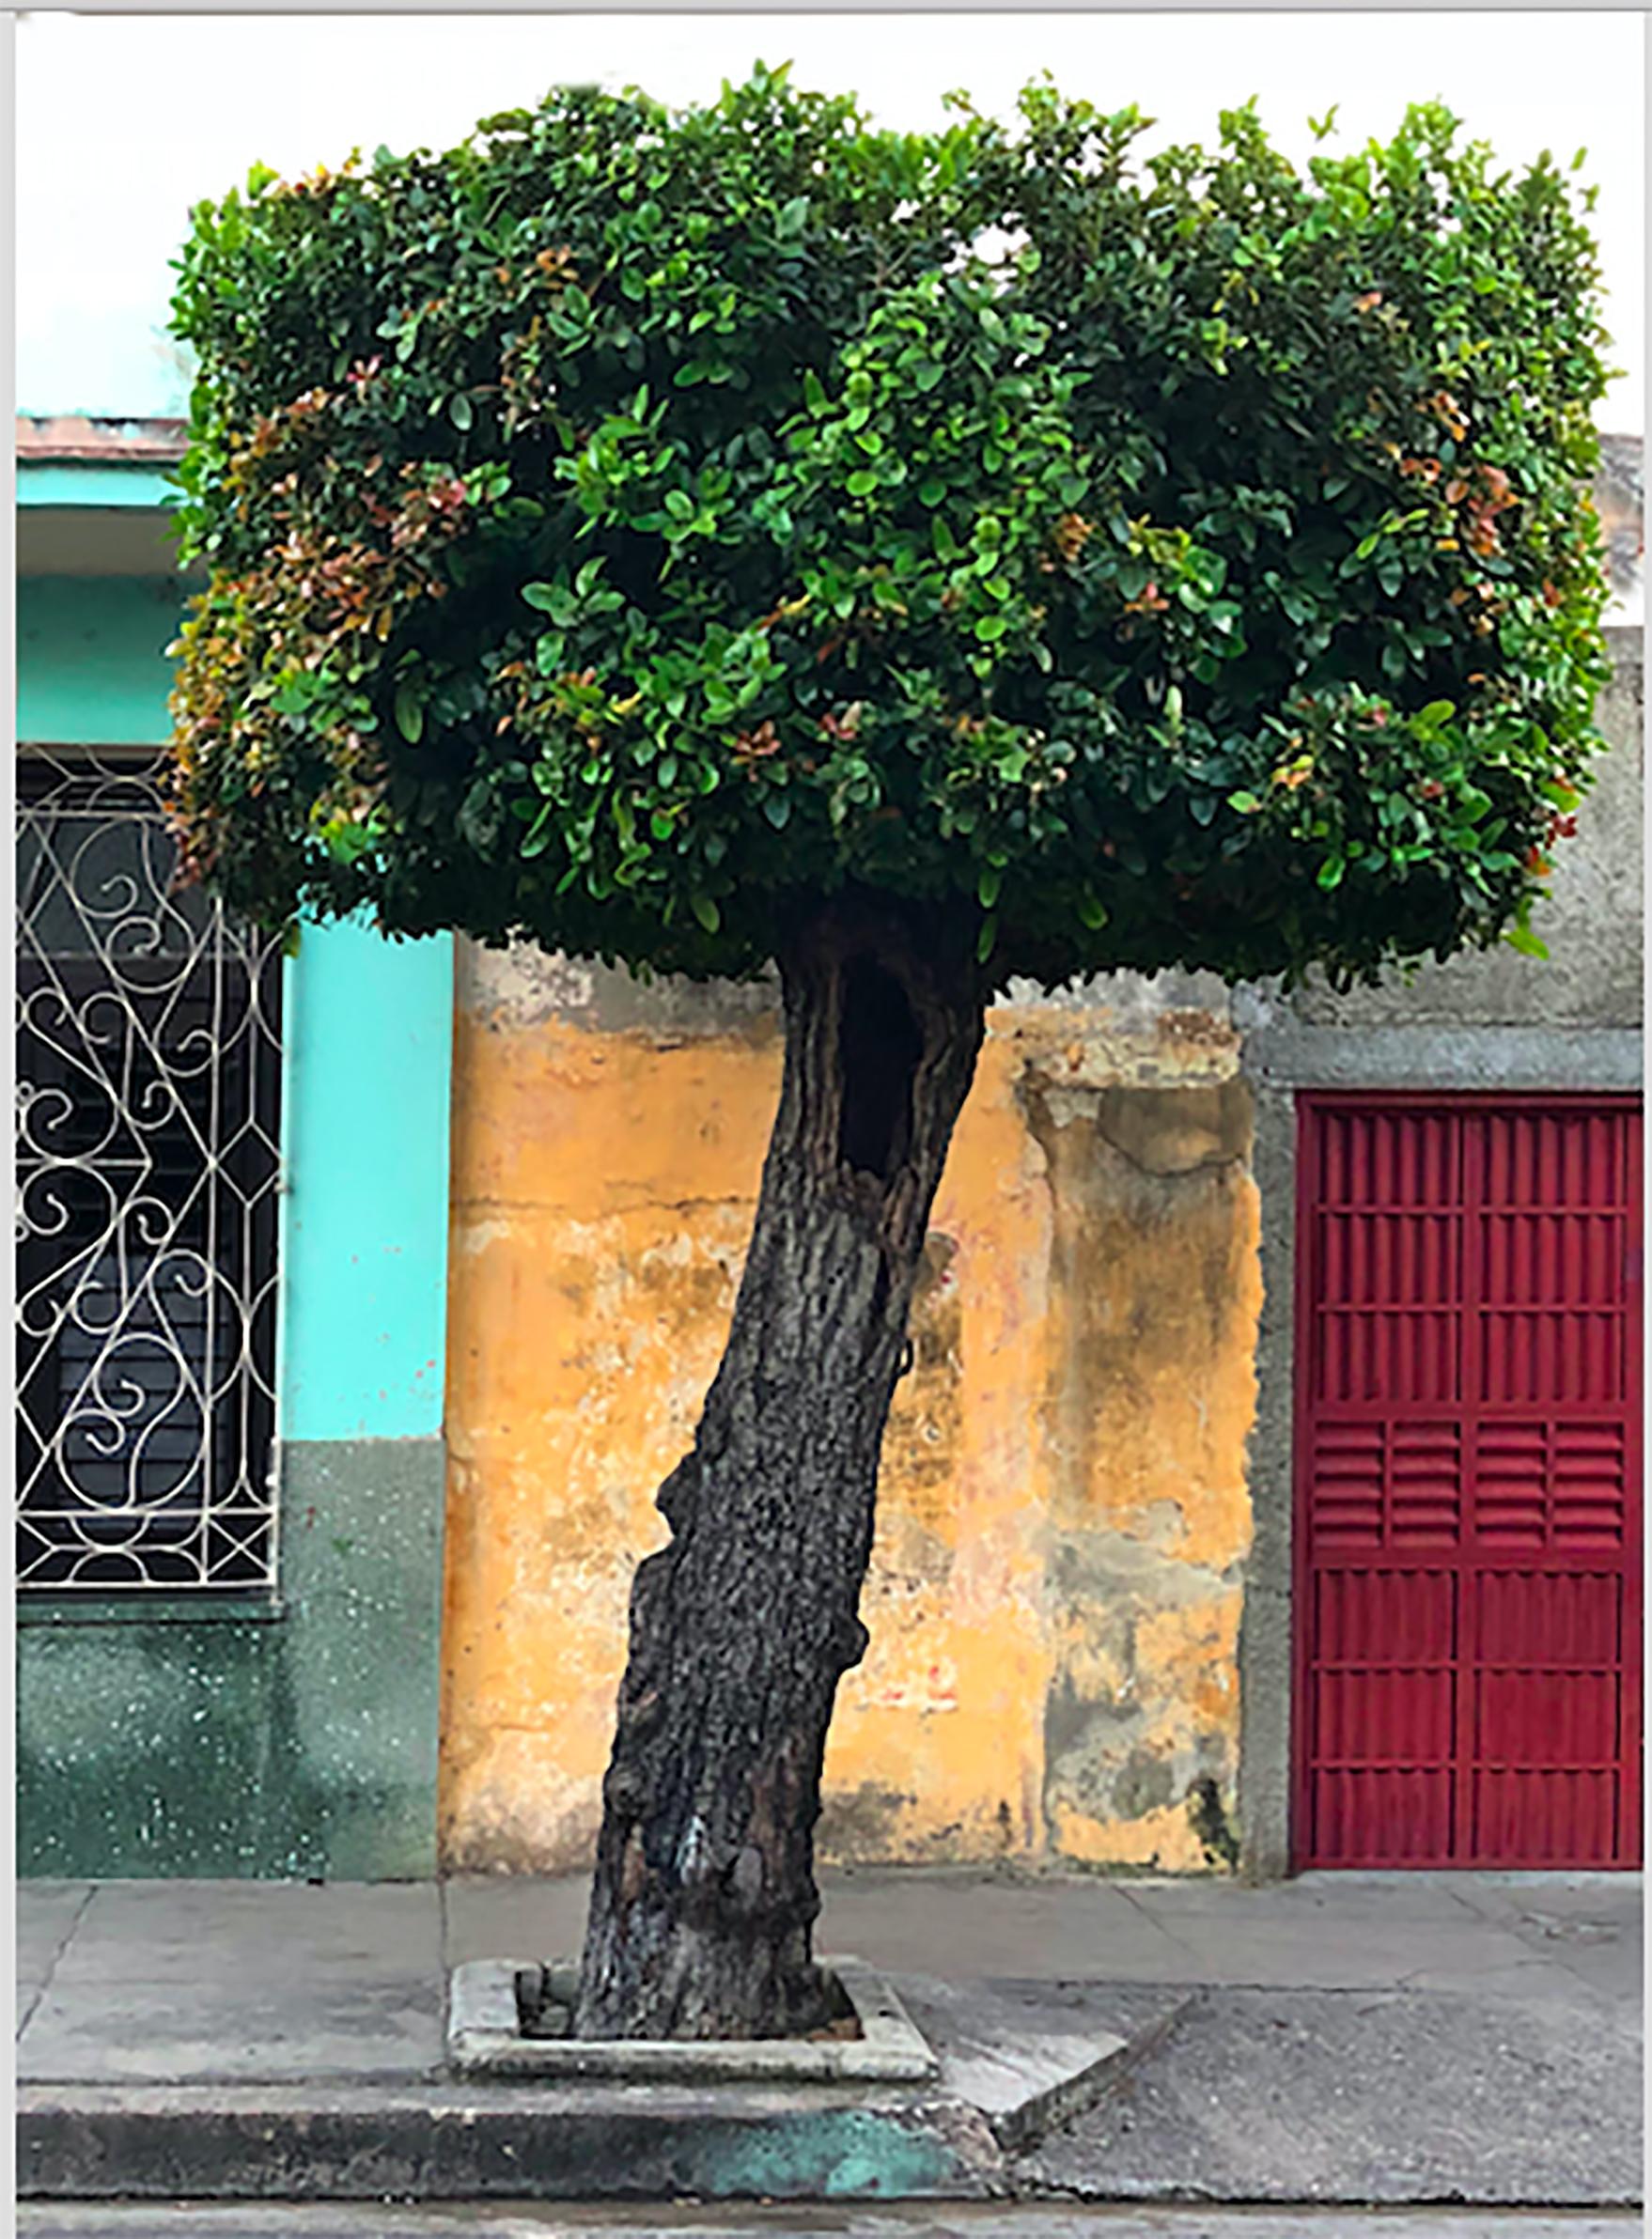 Cuba.22.jpg